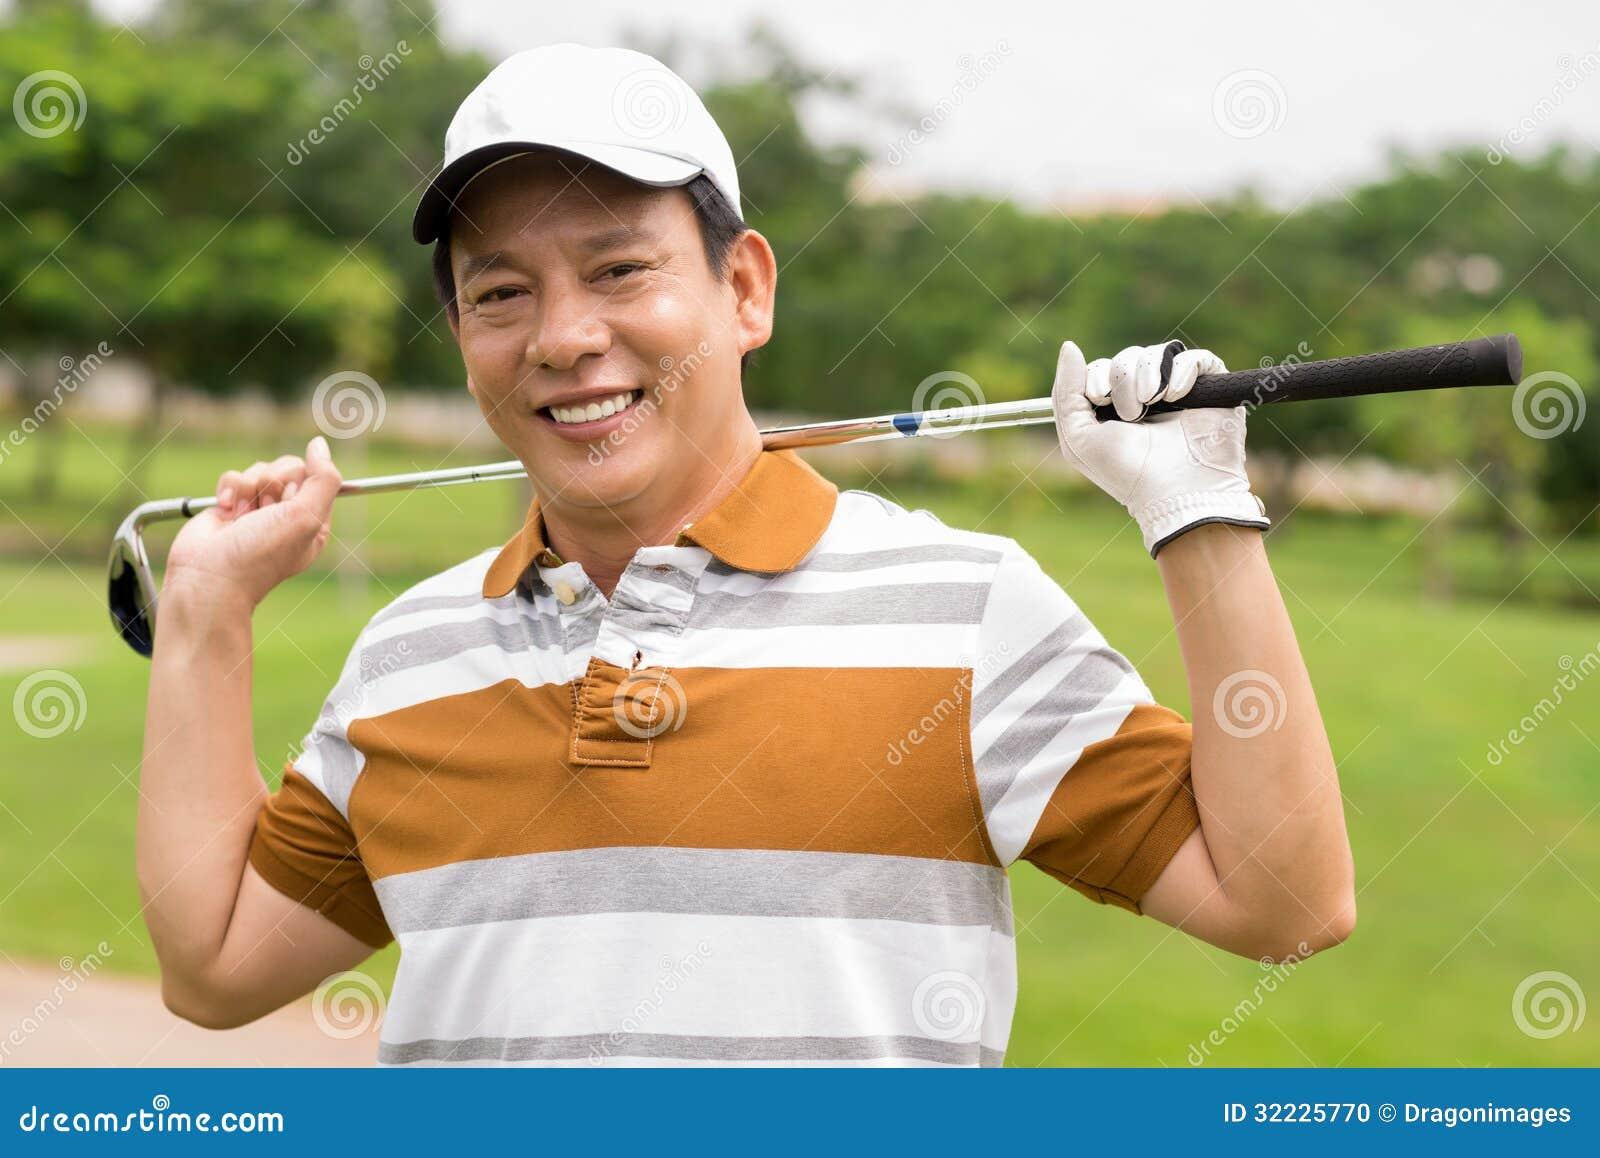 Download Jogador de golfe maduro foto de stock. Imagem de parque - 32225770